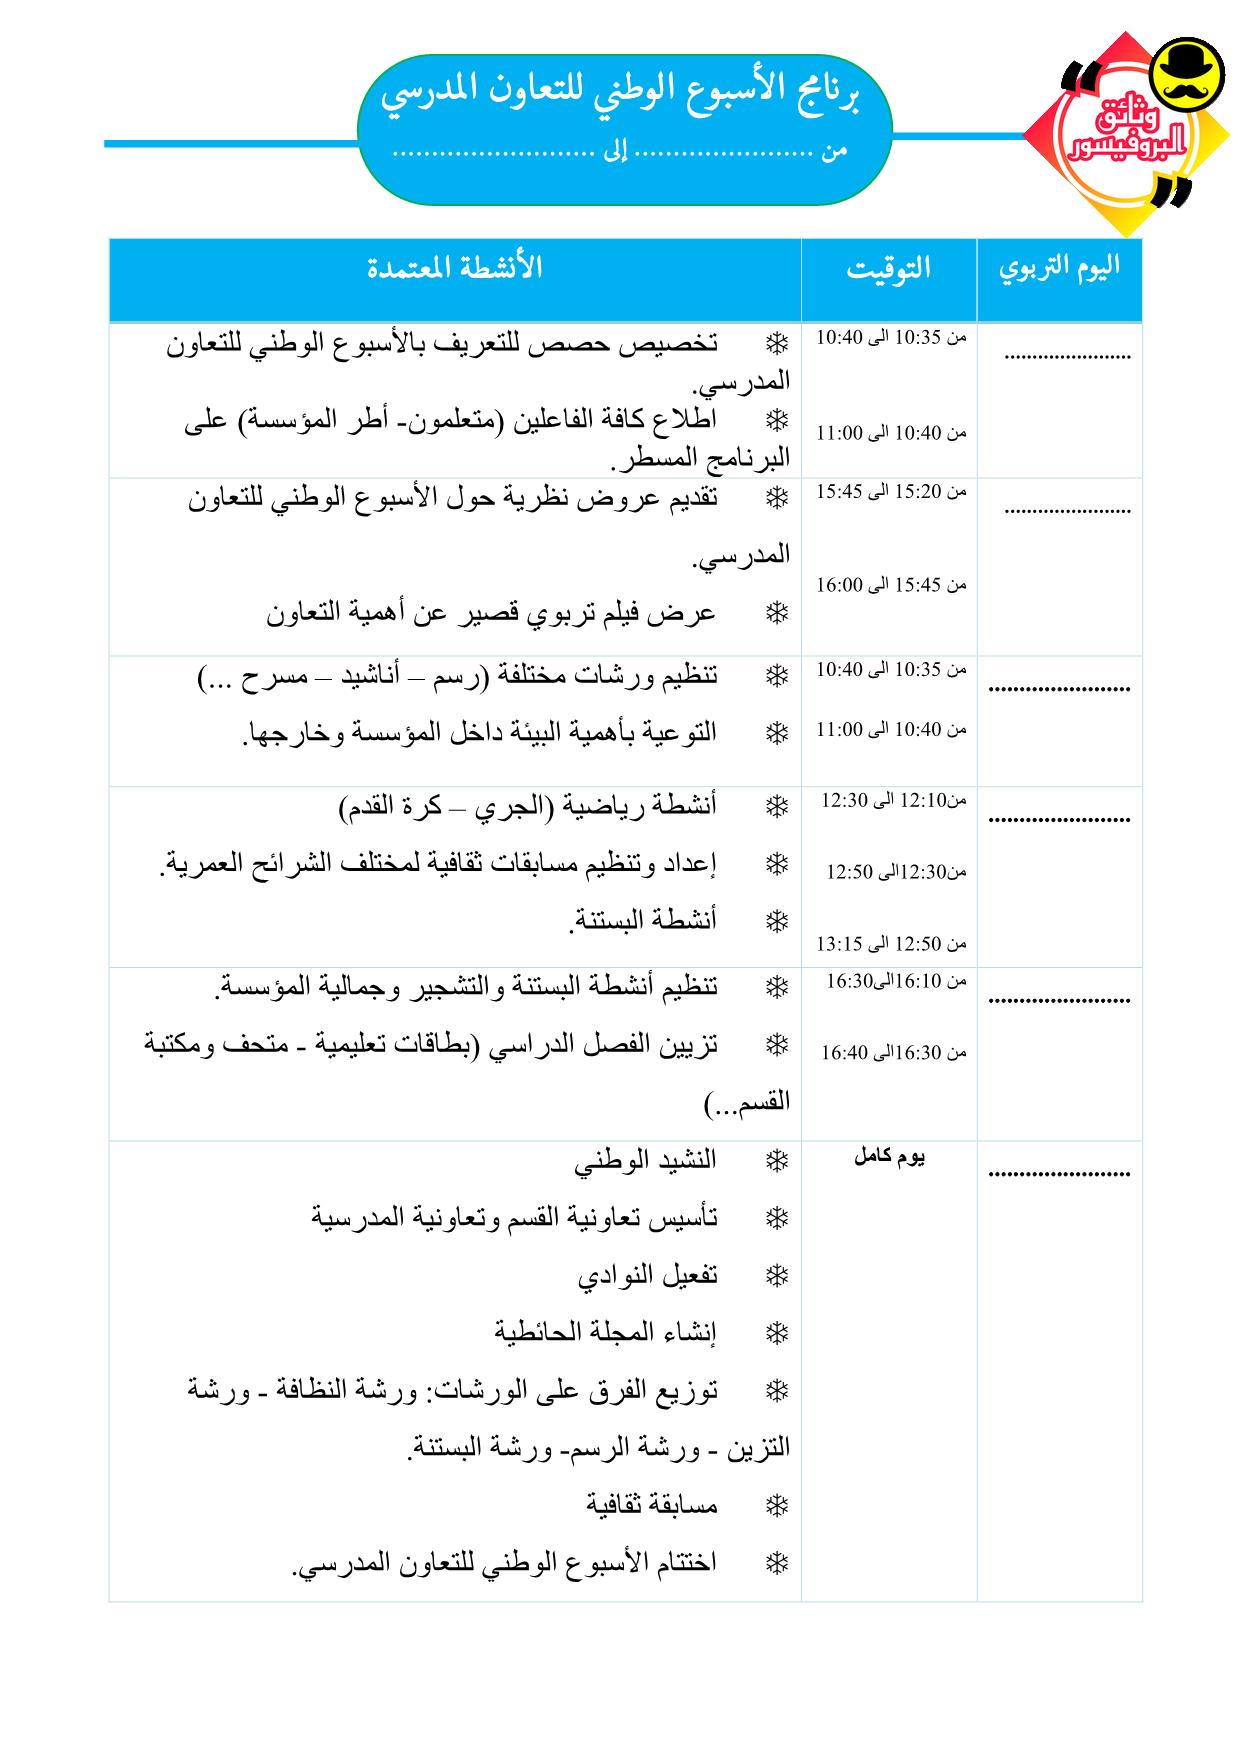 برنامج الأسبوع الوطني للتعاون المدرسي تجدونه حصريا على موقع وثائق البروفيسور